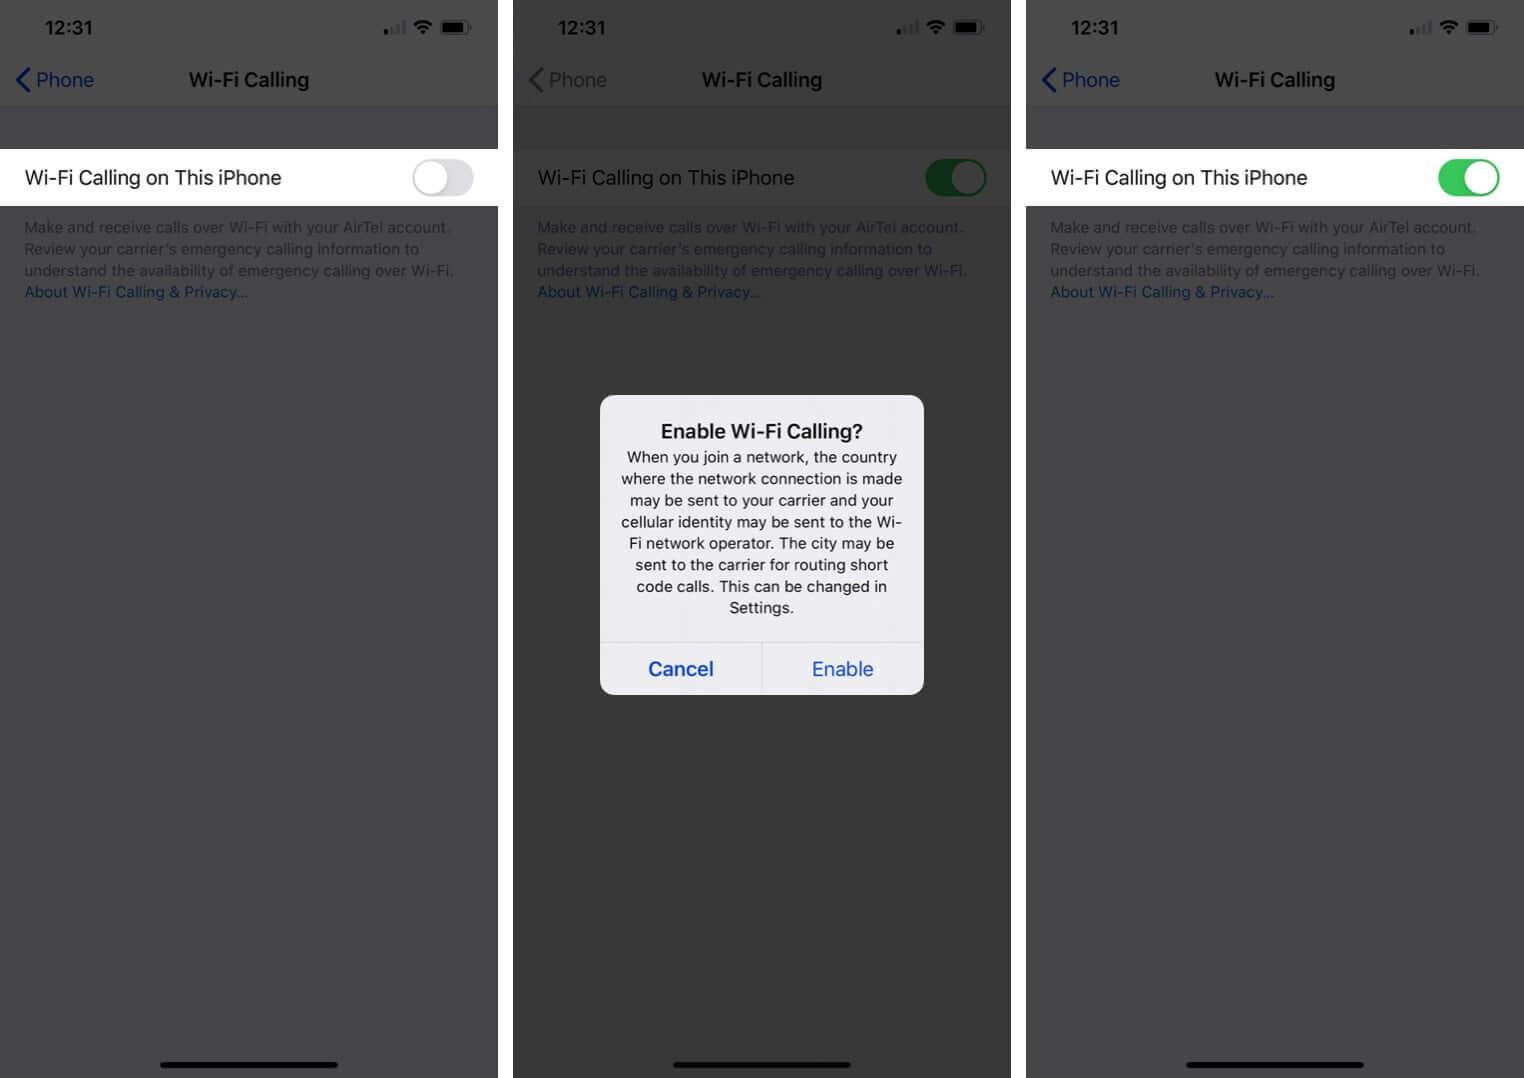 enable wifi calling on iphone